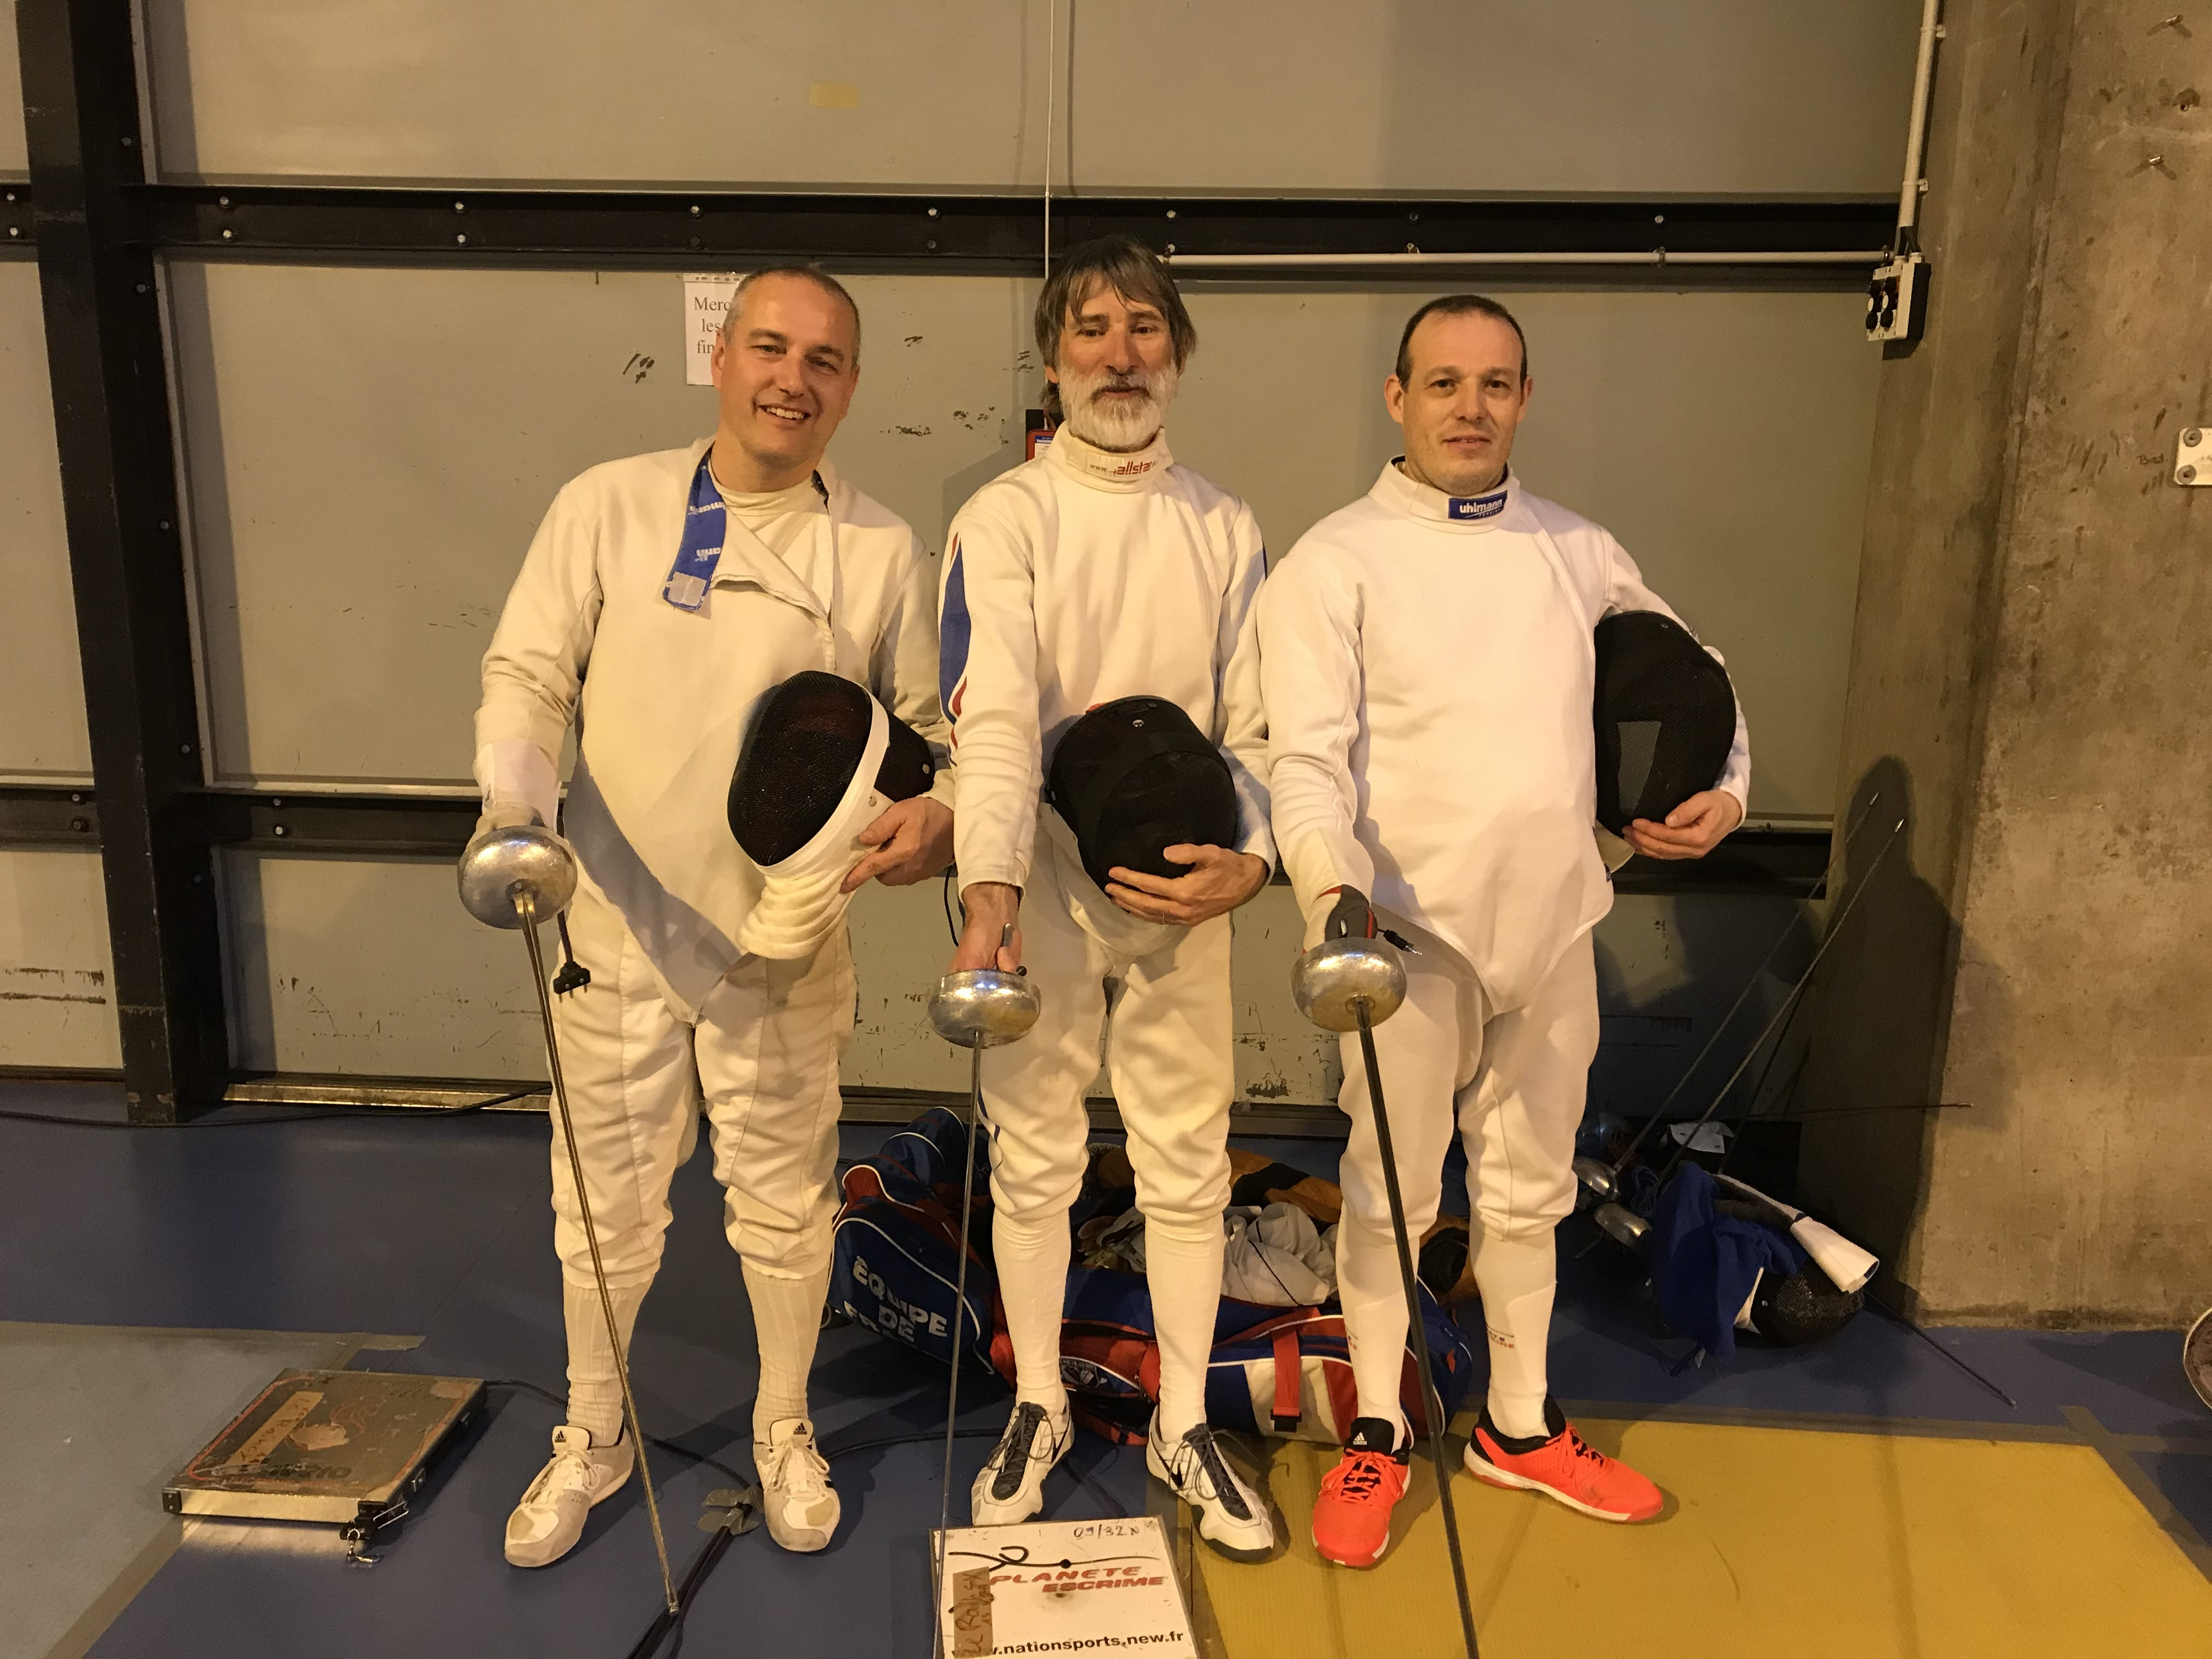 Salle Circuit National de St Maur 2019 Wittenheim